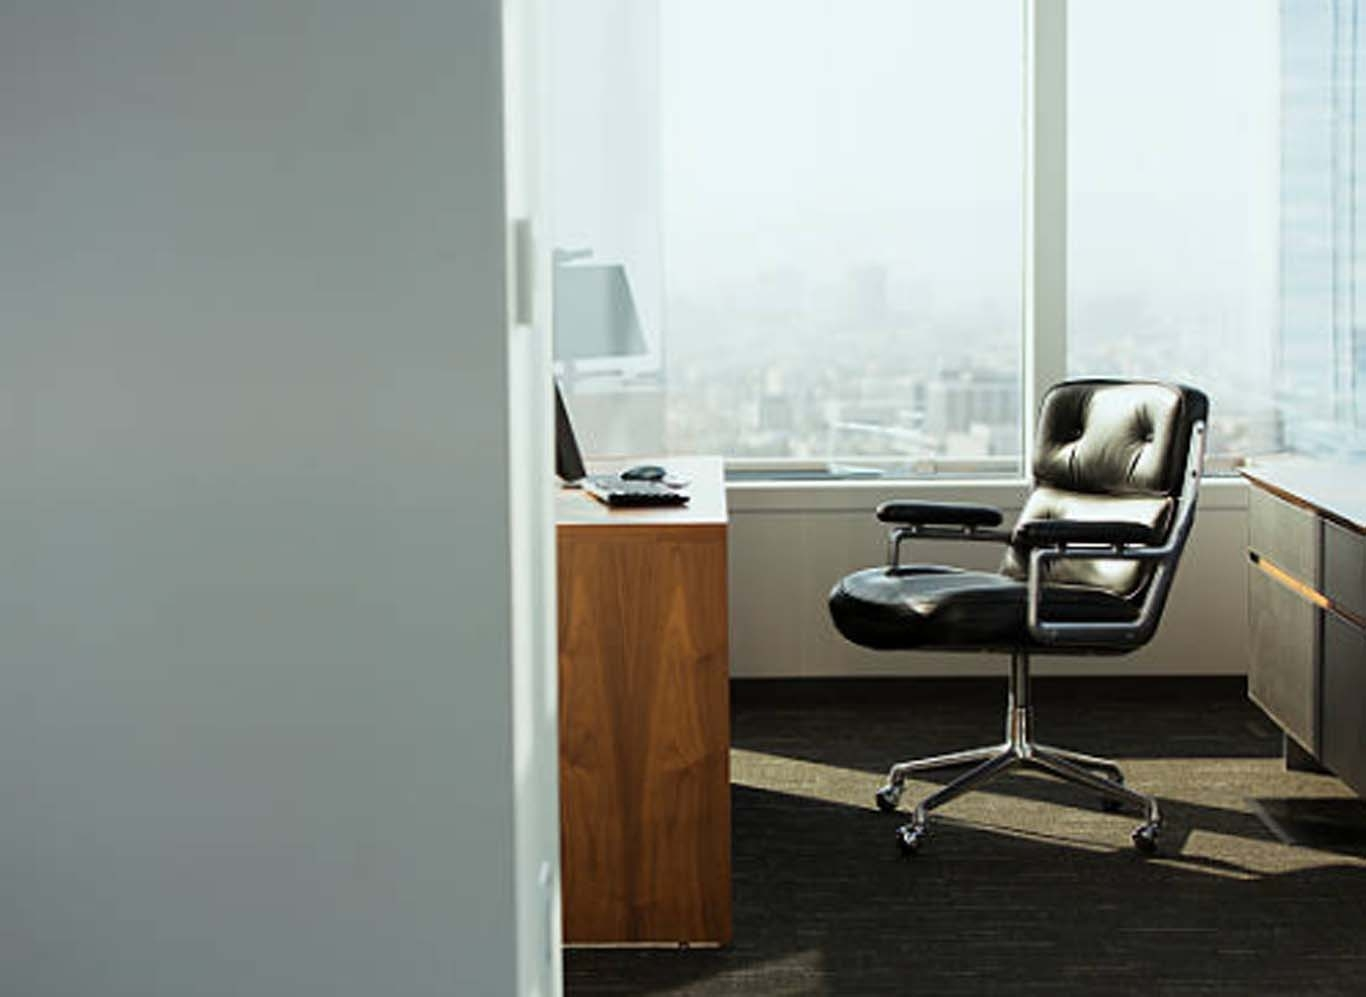 El escritorio correcto y una silla ergonómica permitirán potenciar tu productividad al trabajar desde casa.